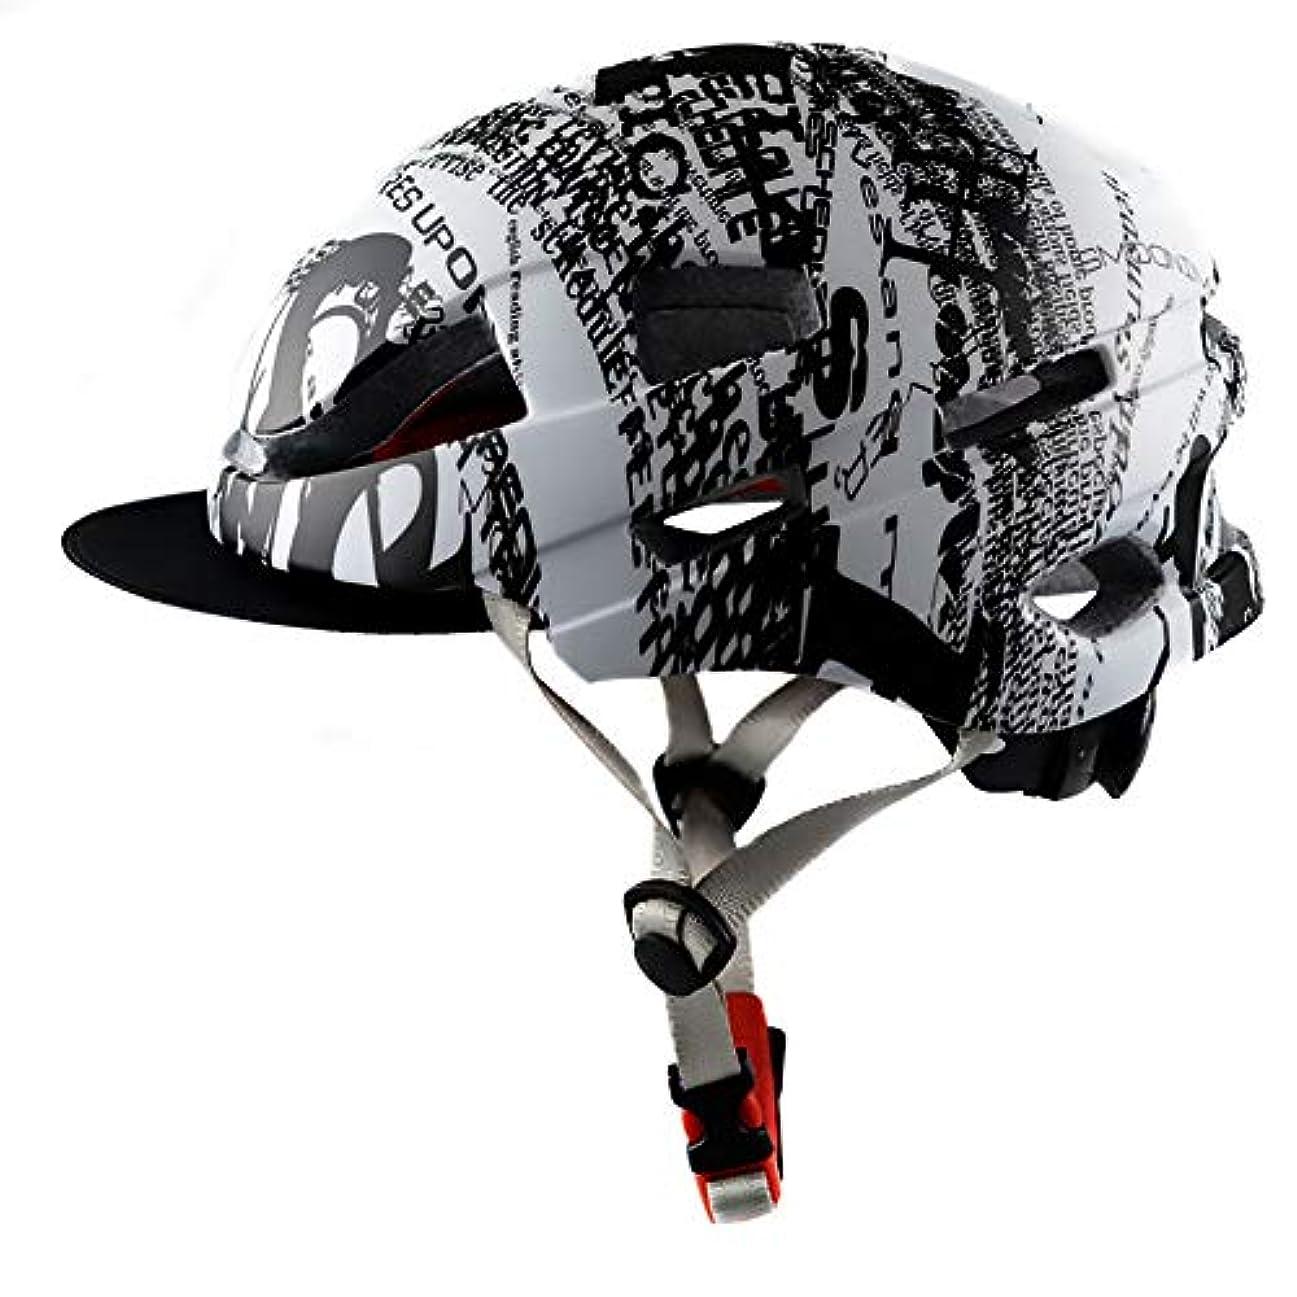 ヒューマニスティック残基ジャーナリストETH 自転車ヘルメット取り外し可能な帽子都市レジャーシャムアウトドアスポーツ自転車乗馬ヘルメット 保護